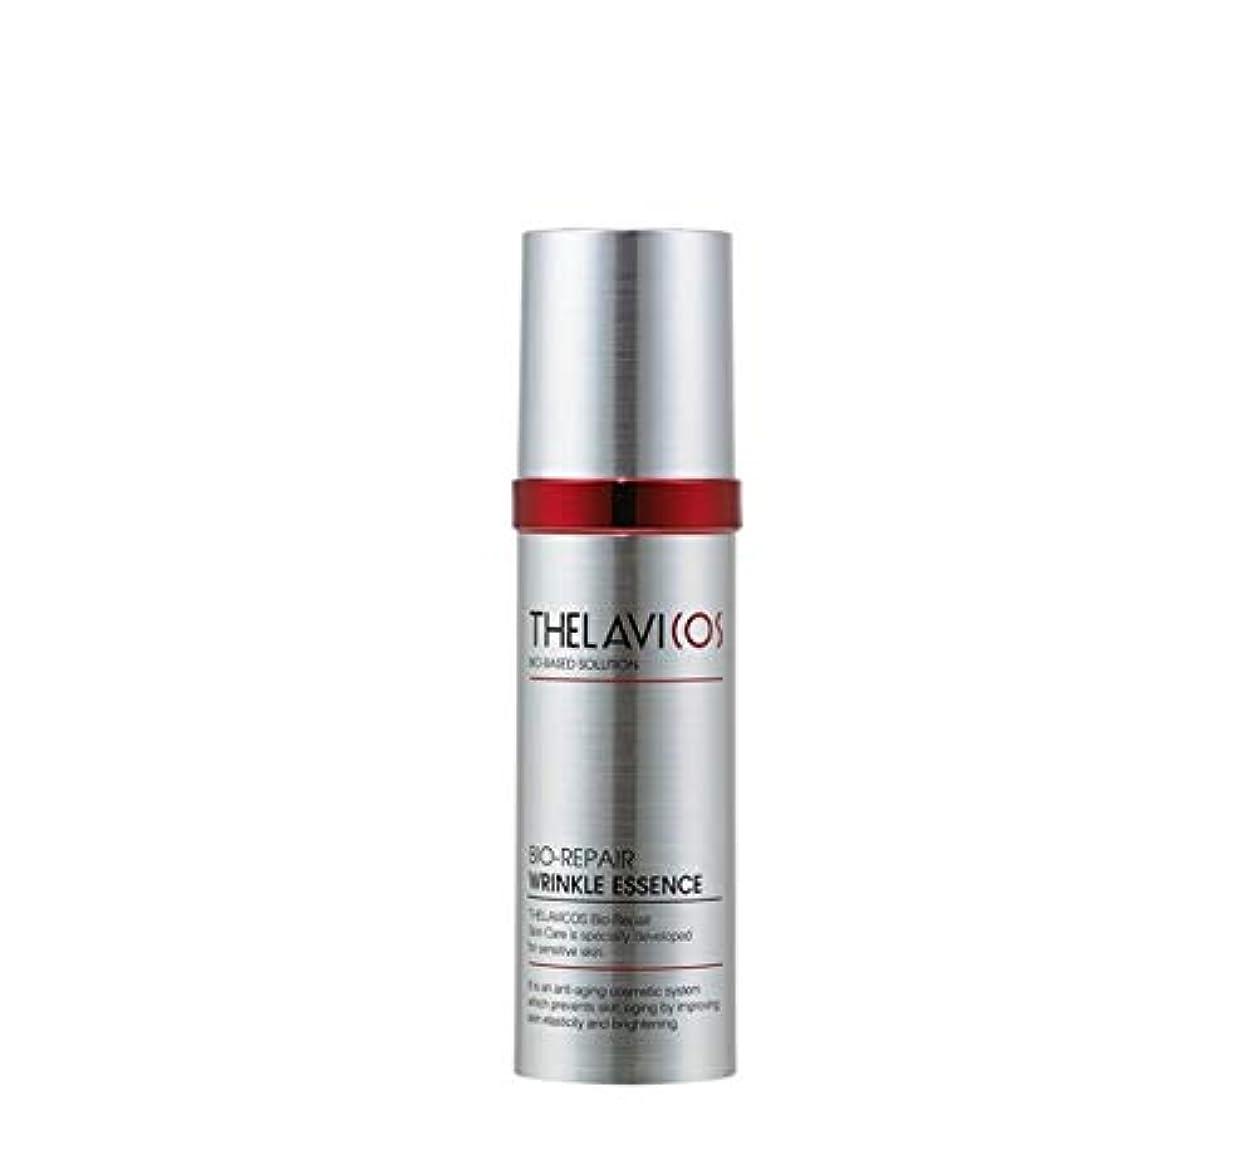 セラビコス THELAVICOS バイオリペア リンクル エッセンス 美容液 韓国コスメ スキンケア エイジングシリーズ